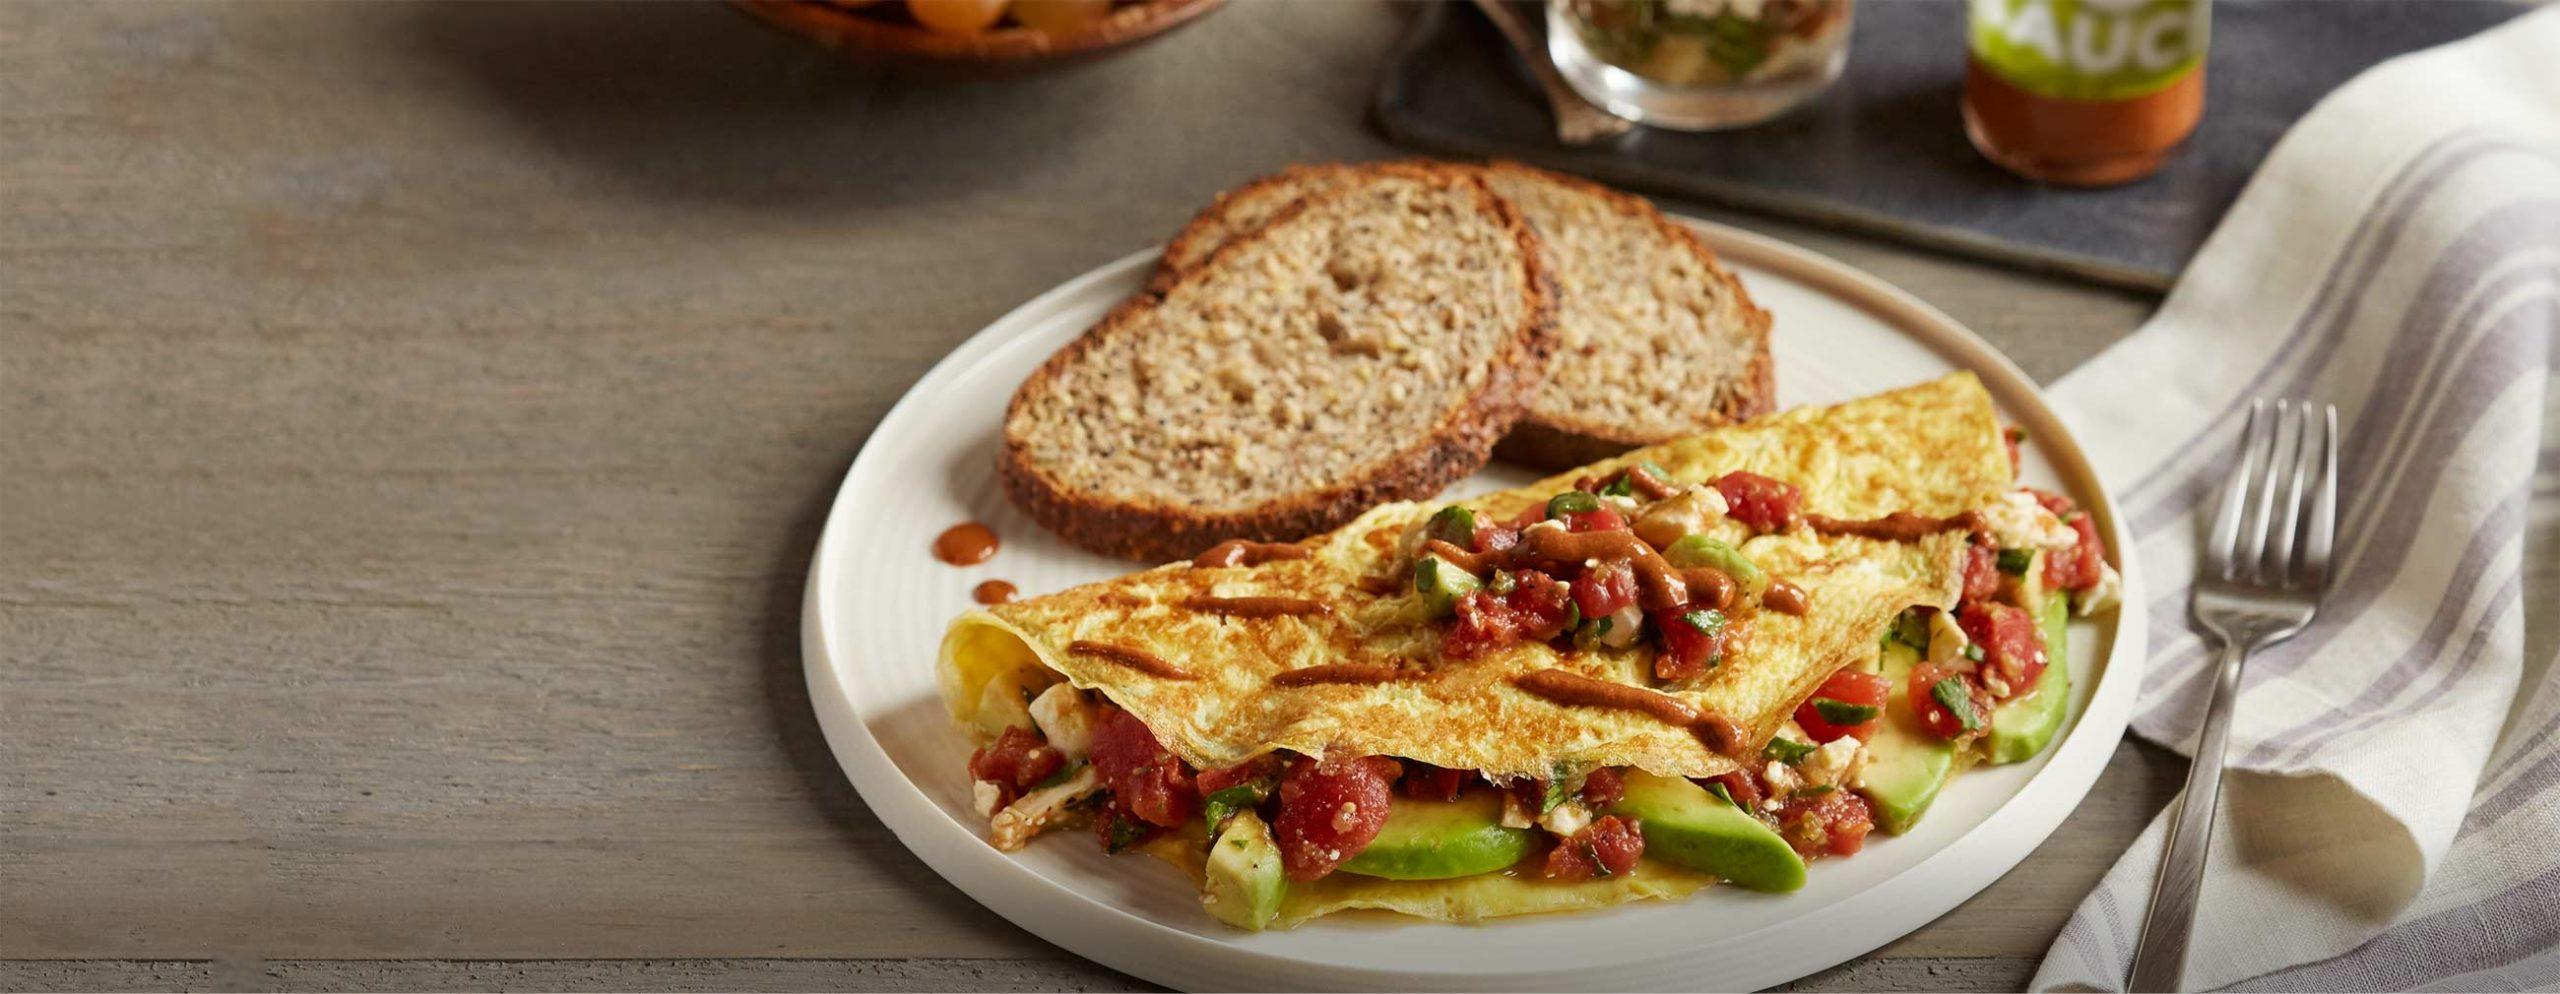 Kalifornijski omlet za dobro jutro